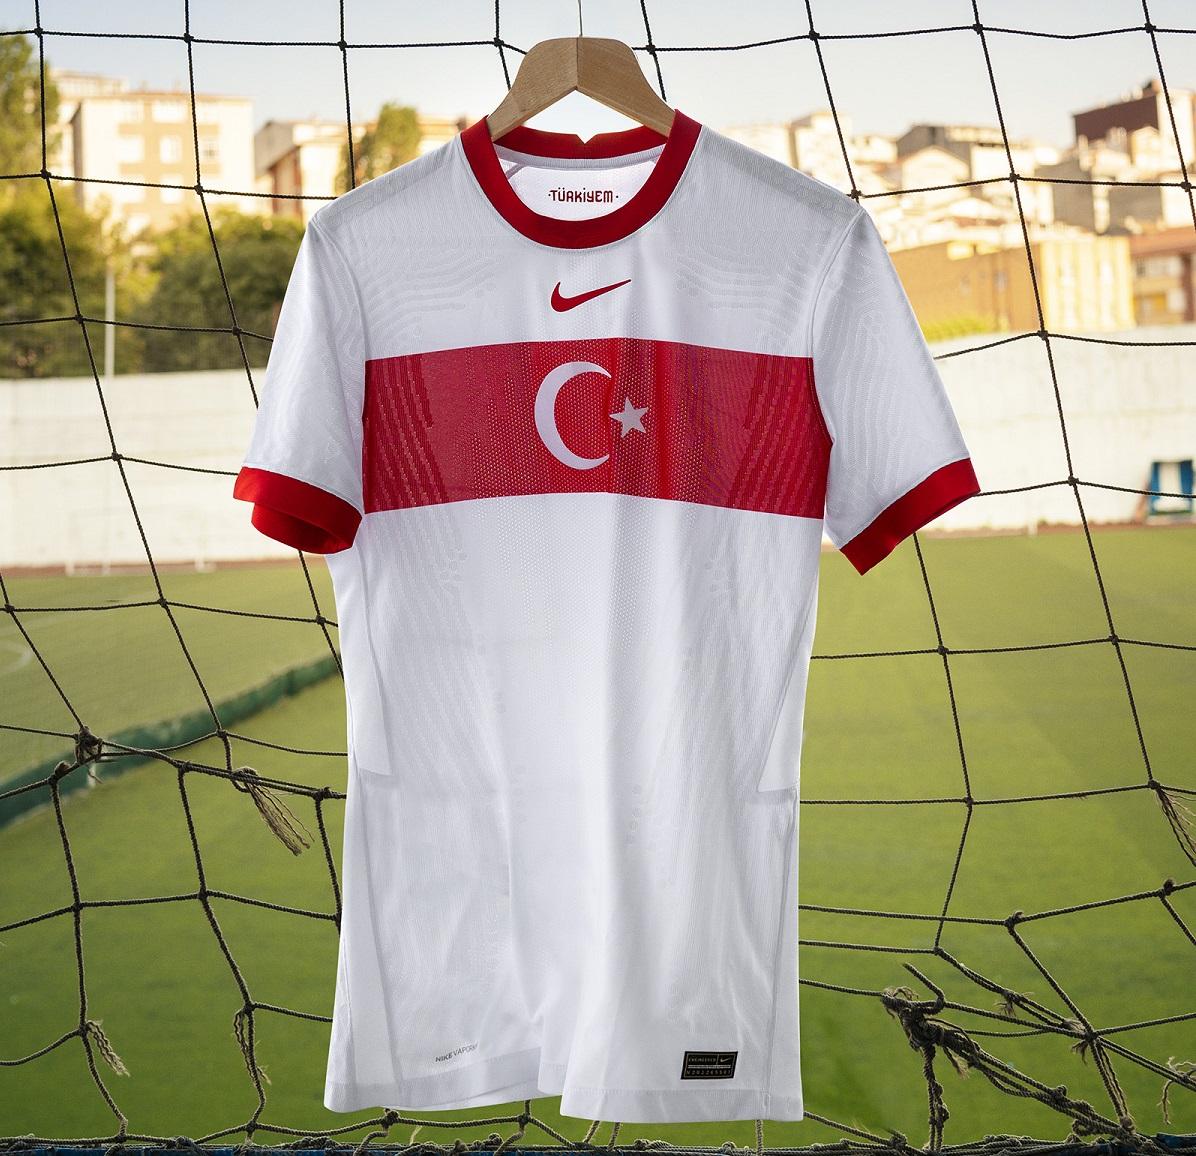 cordura atmósfera salir  Novas camisas da Seleção da Turquia 2020-2021 Nike | Eurocopa » MDF